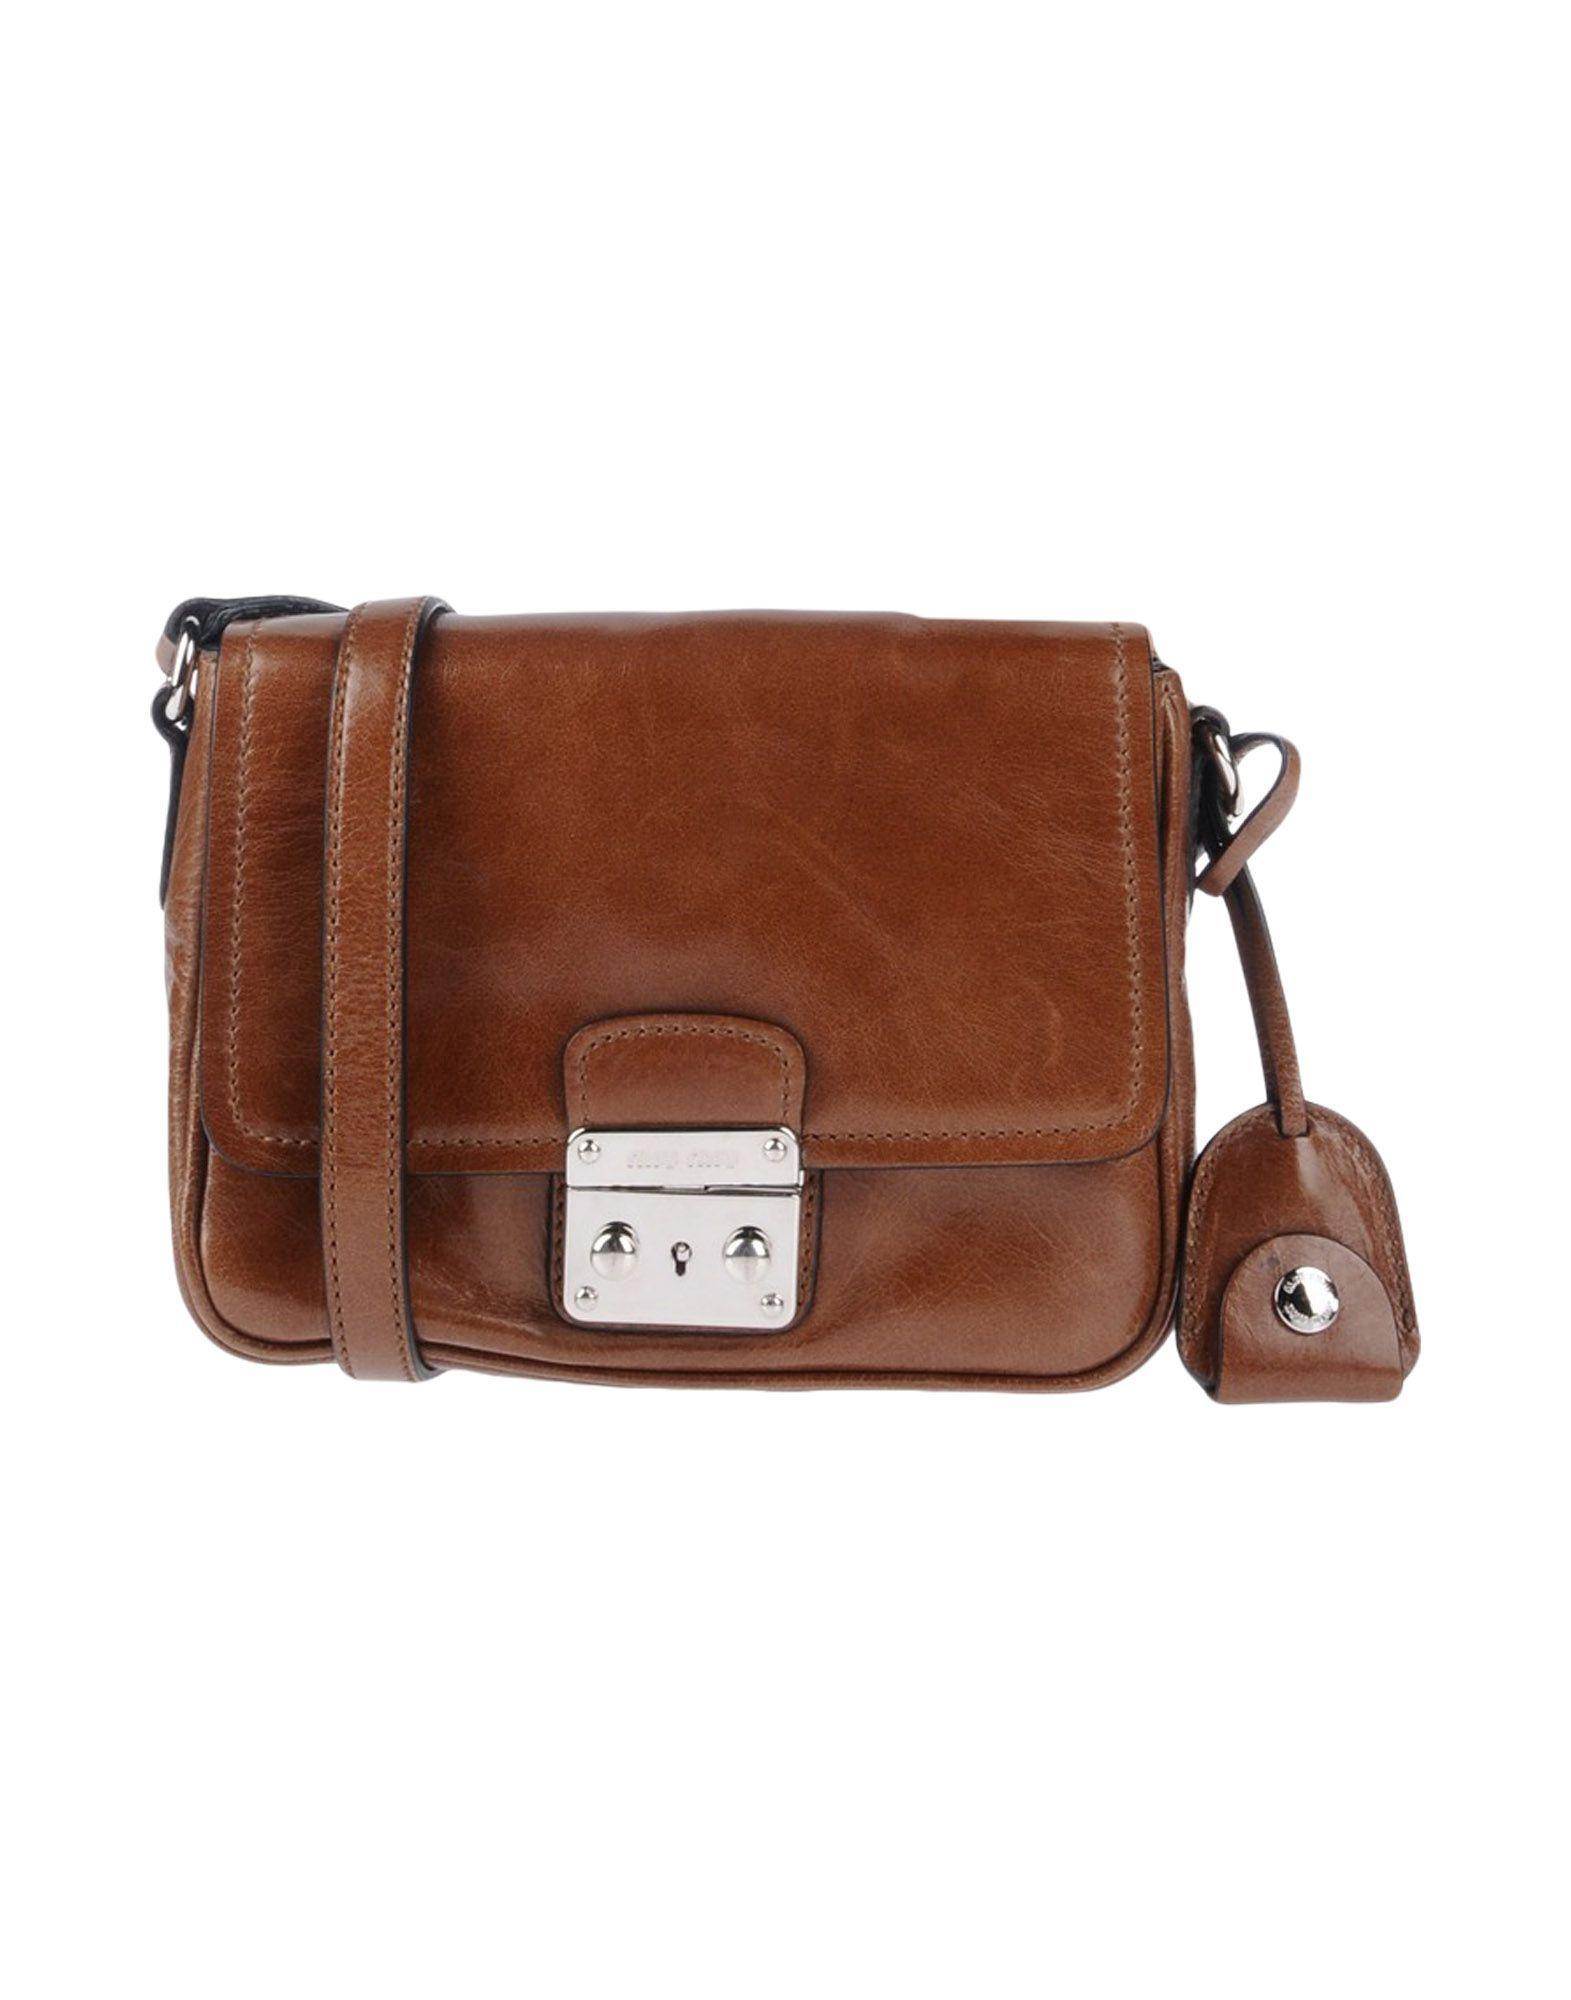 fb279b325256 Miu Miu Handbags In Brown